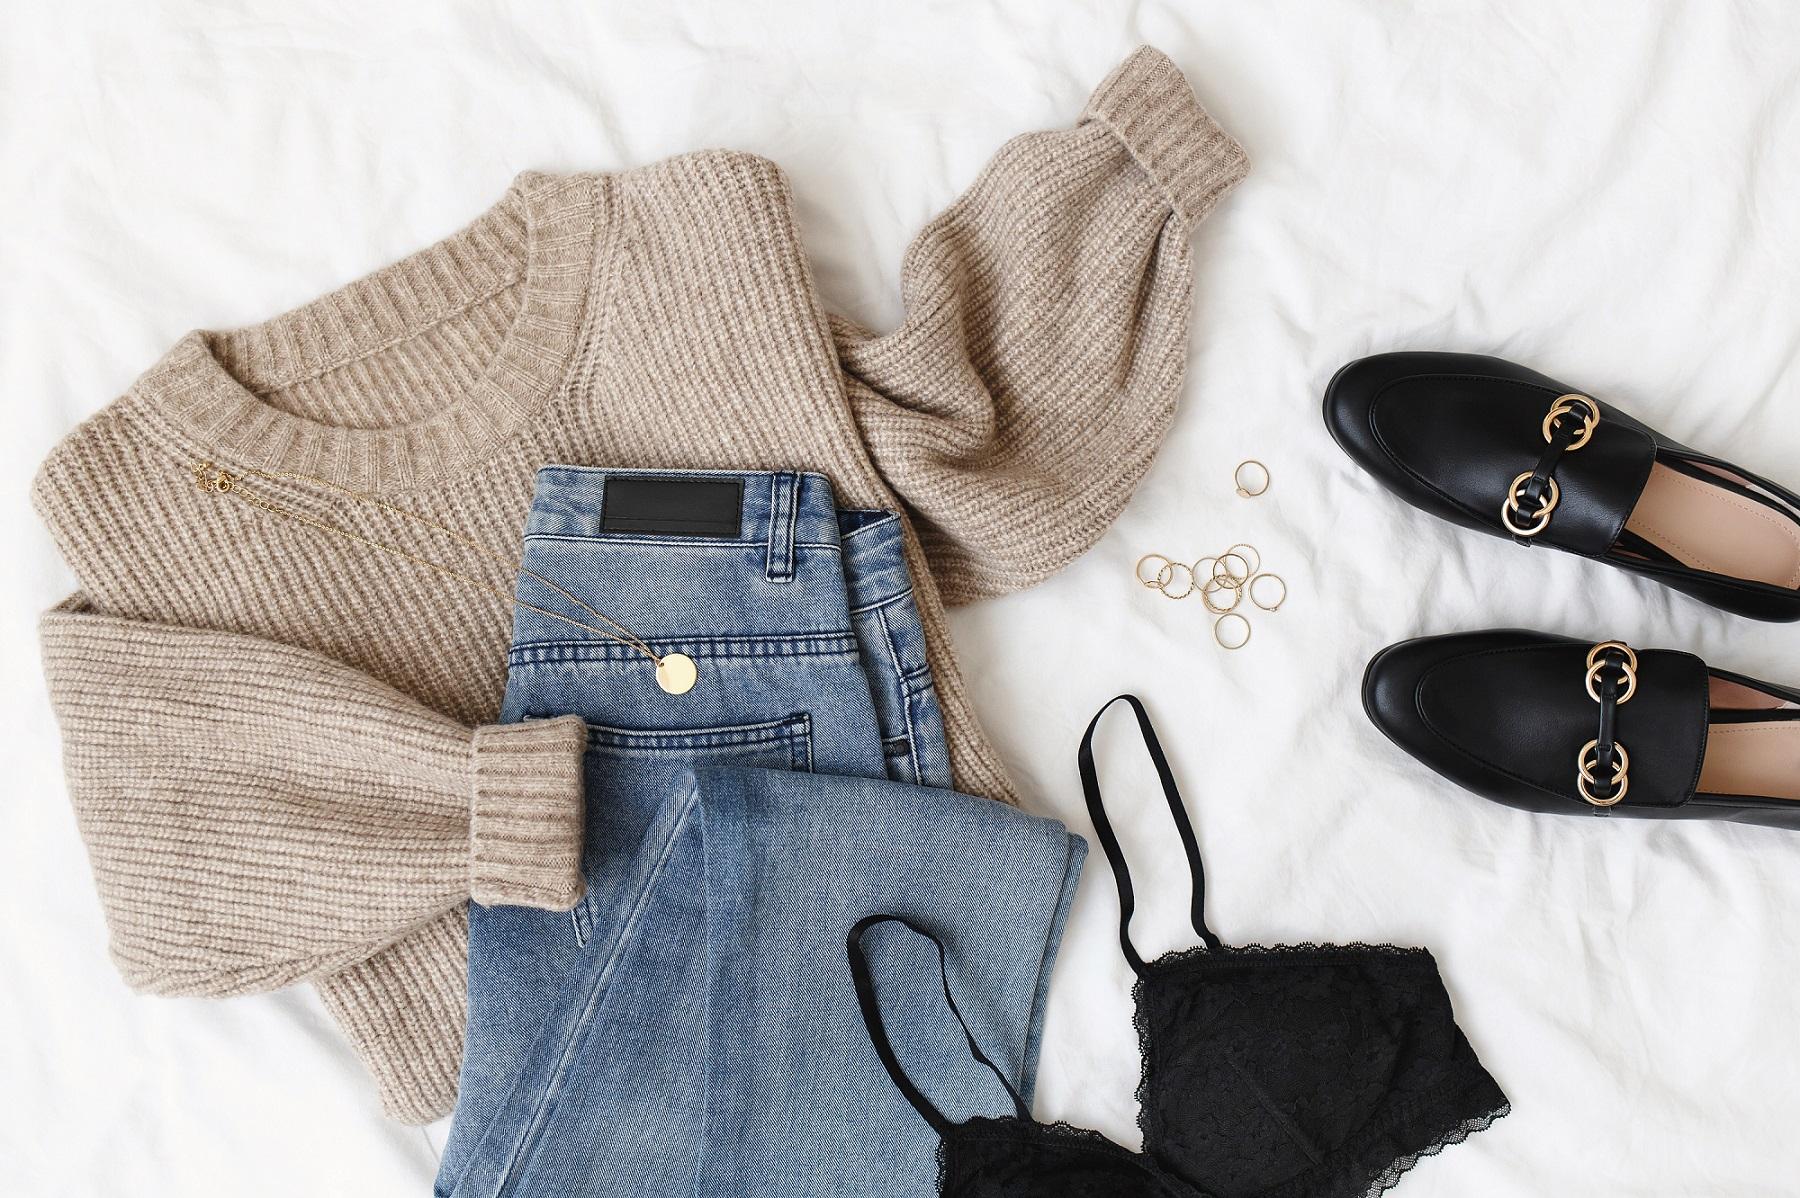 bluzka-spodnie-buty